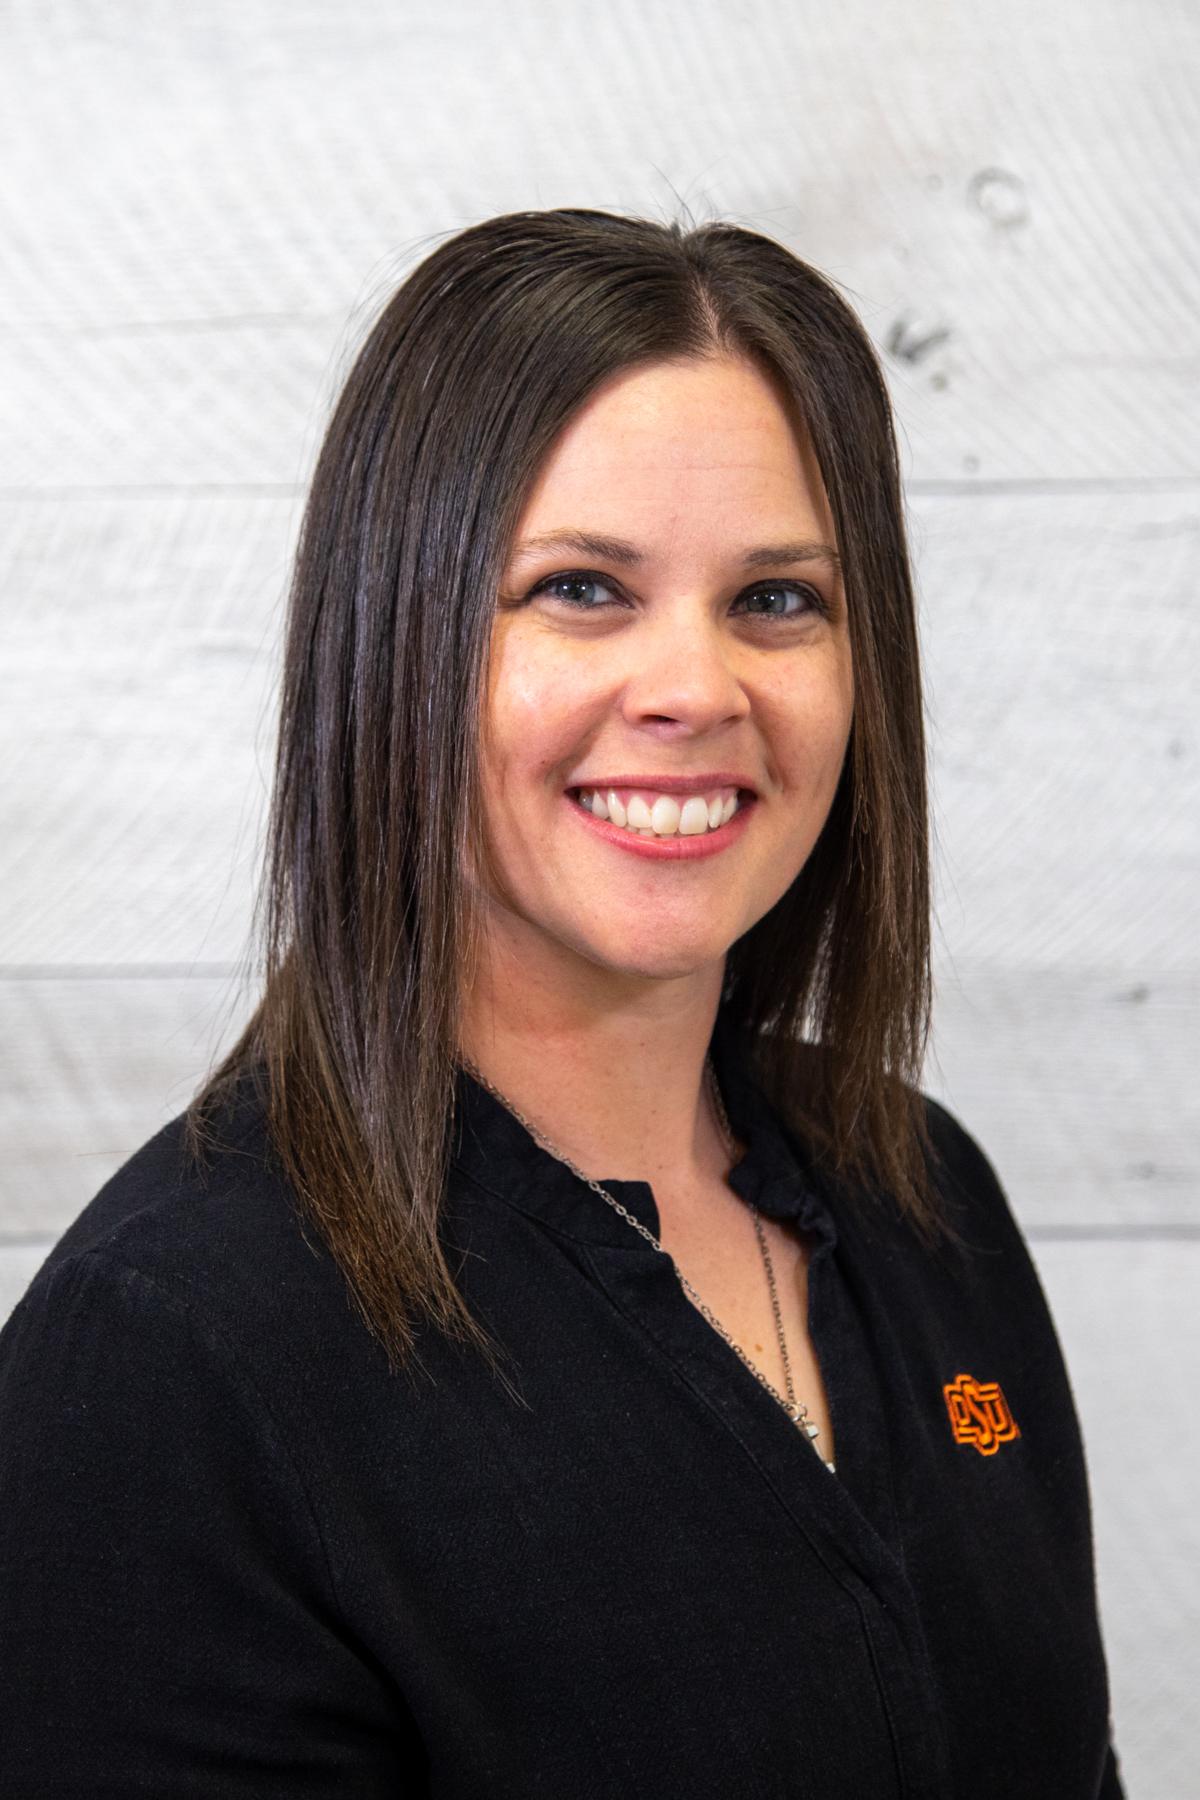 Heather Millermon